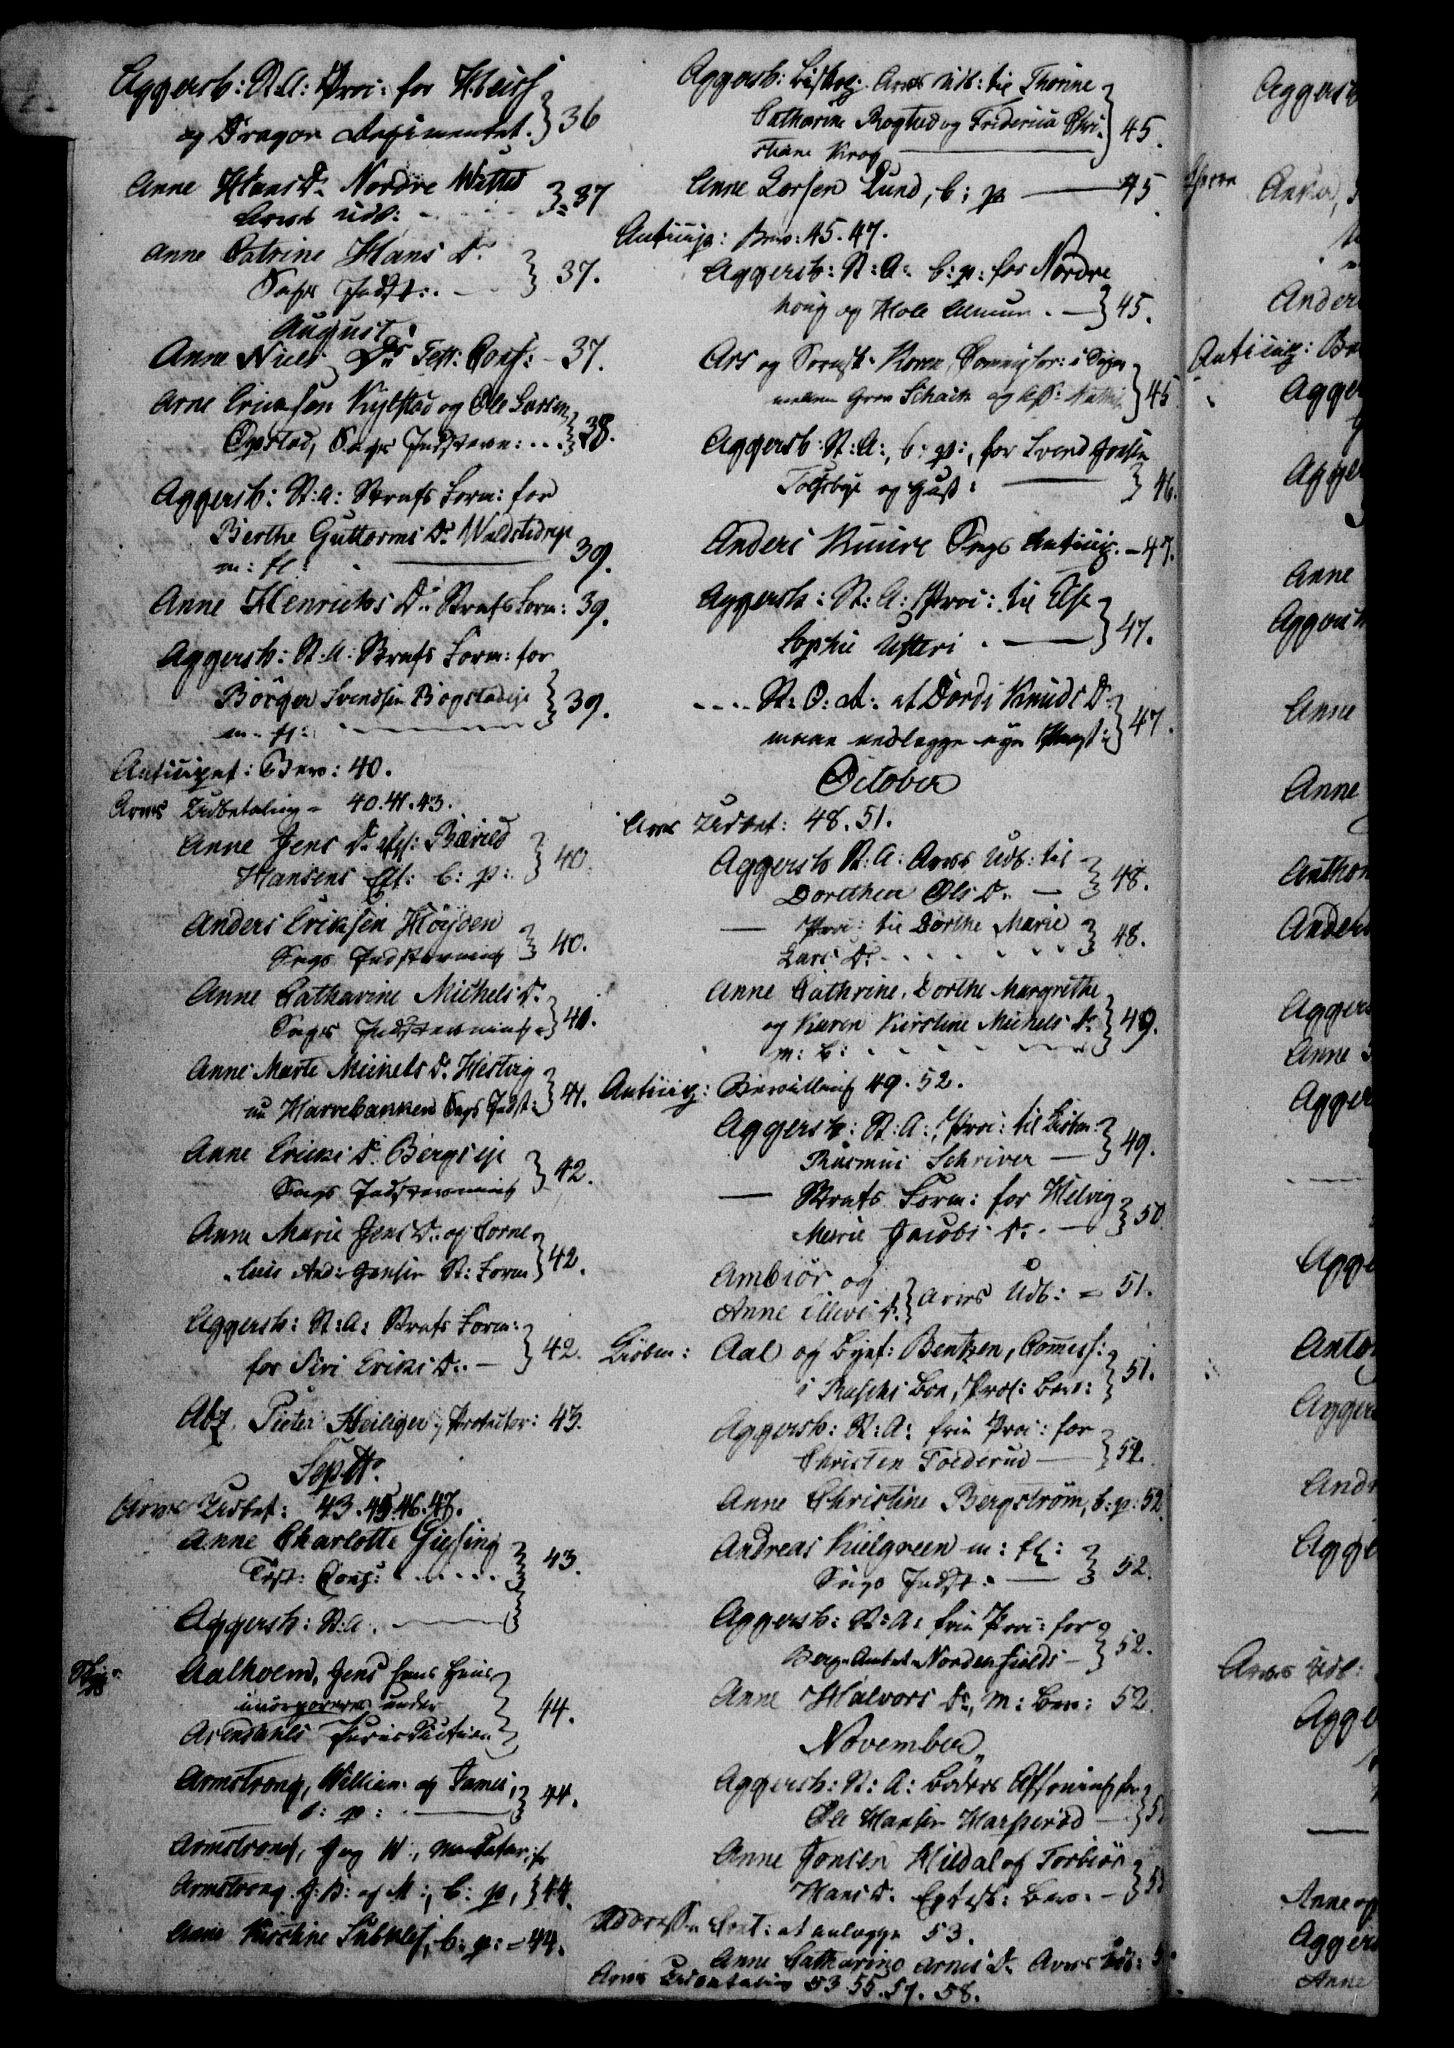 RA, Danske Kanselli 1800-1814, H/Hf/Hfb/Hfbc/L0006: Underskrivelsesbok m. register, 1805